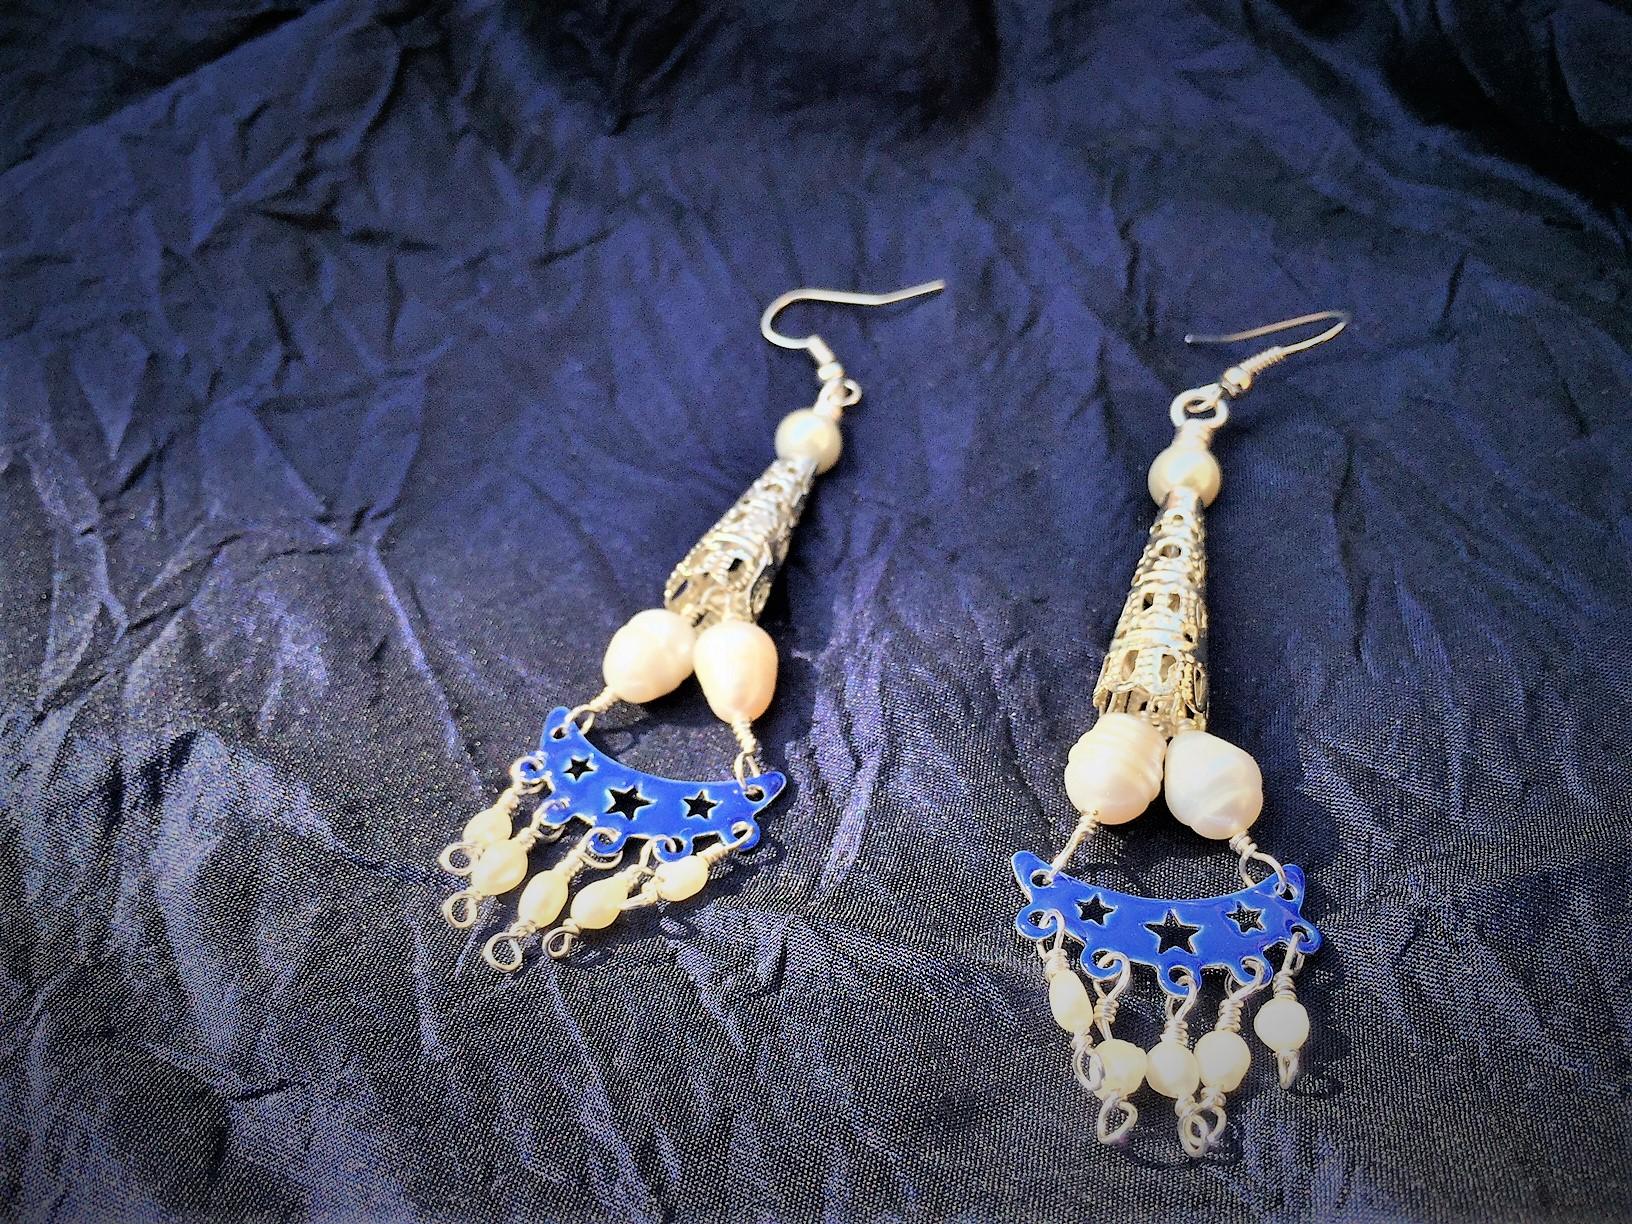 Blue enamel and pearls earrings